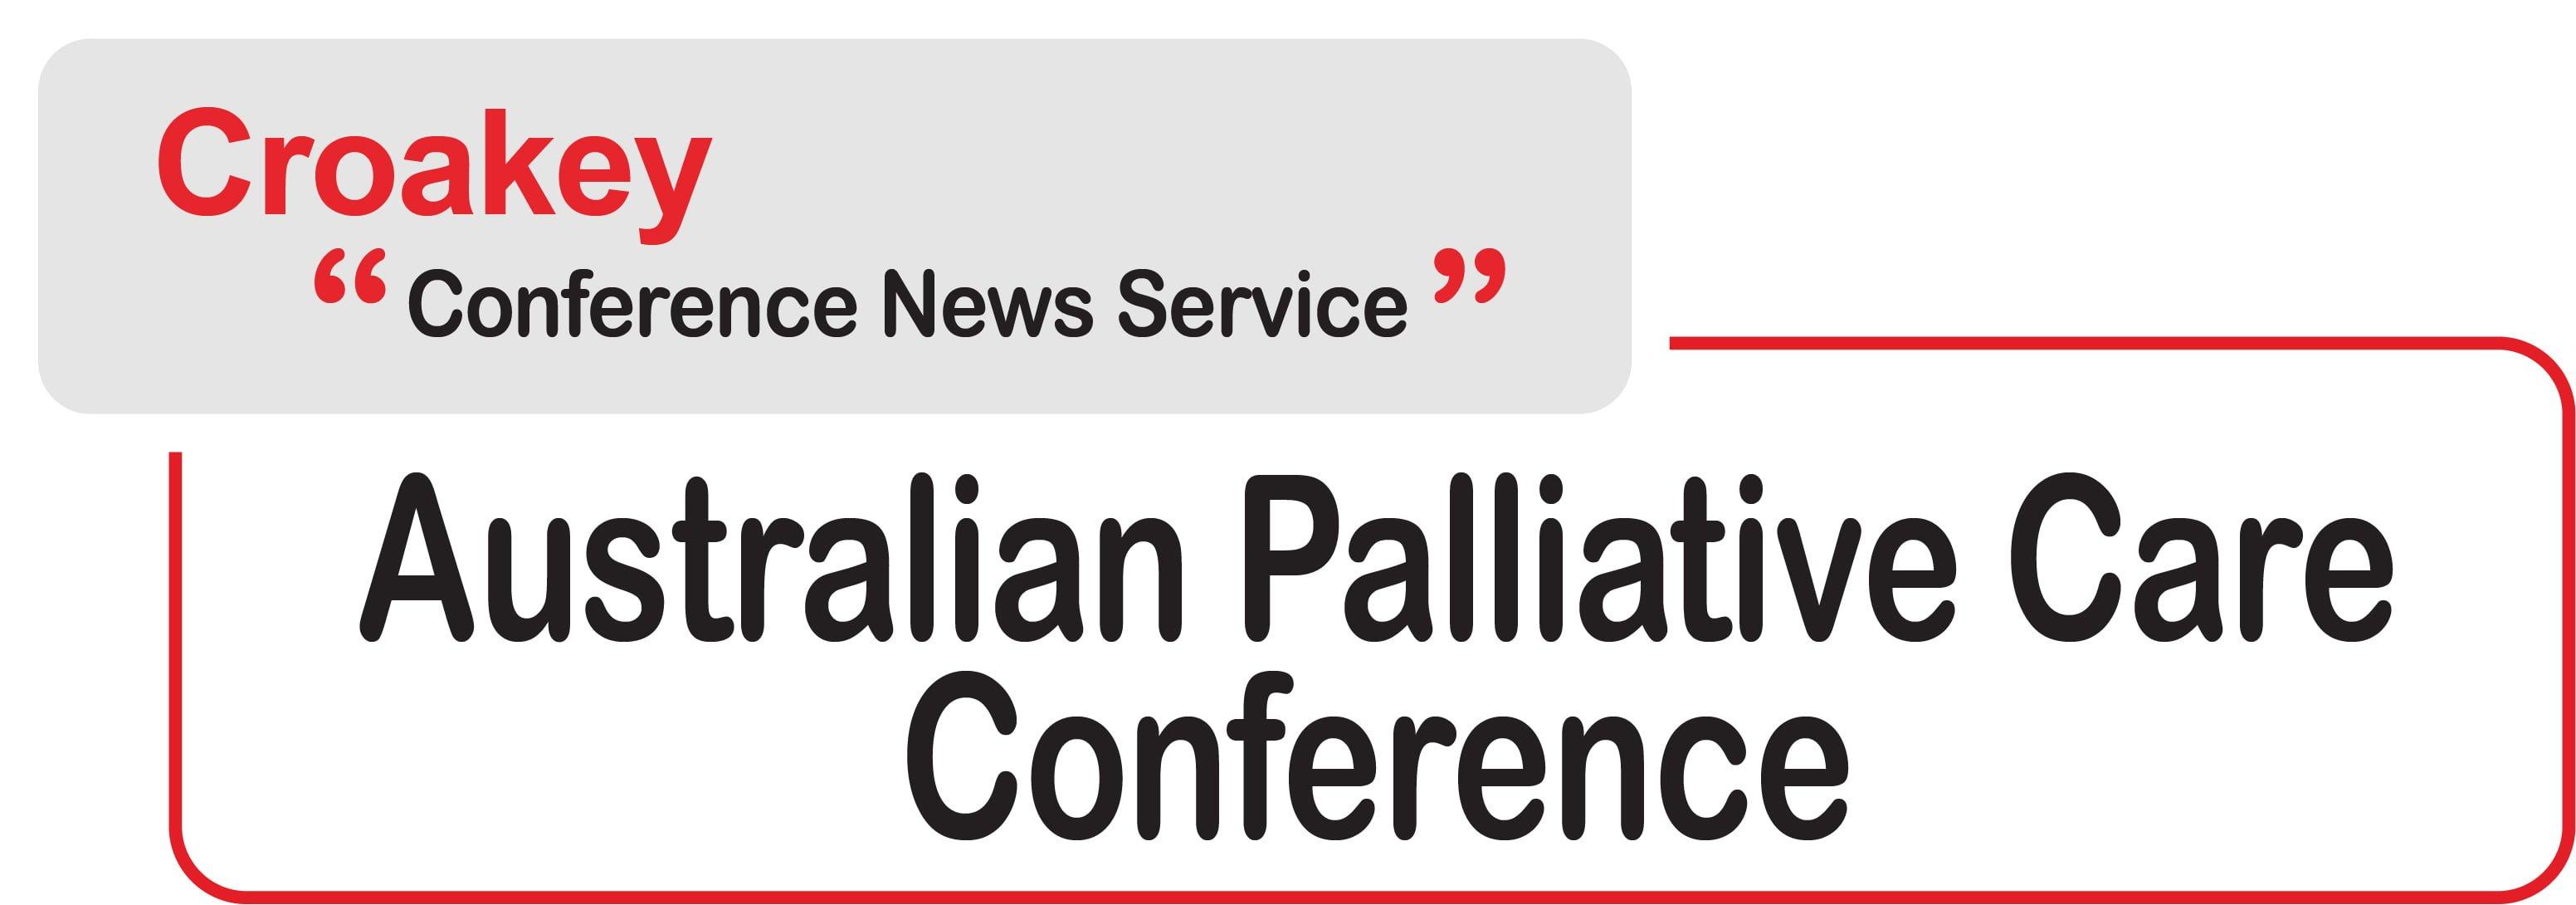 CCNS_PalliativeCare_conf_logo